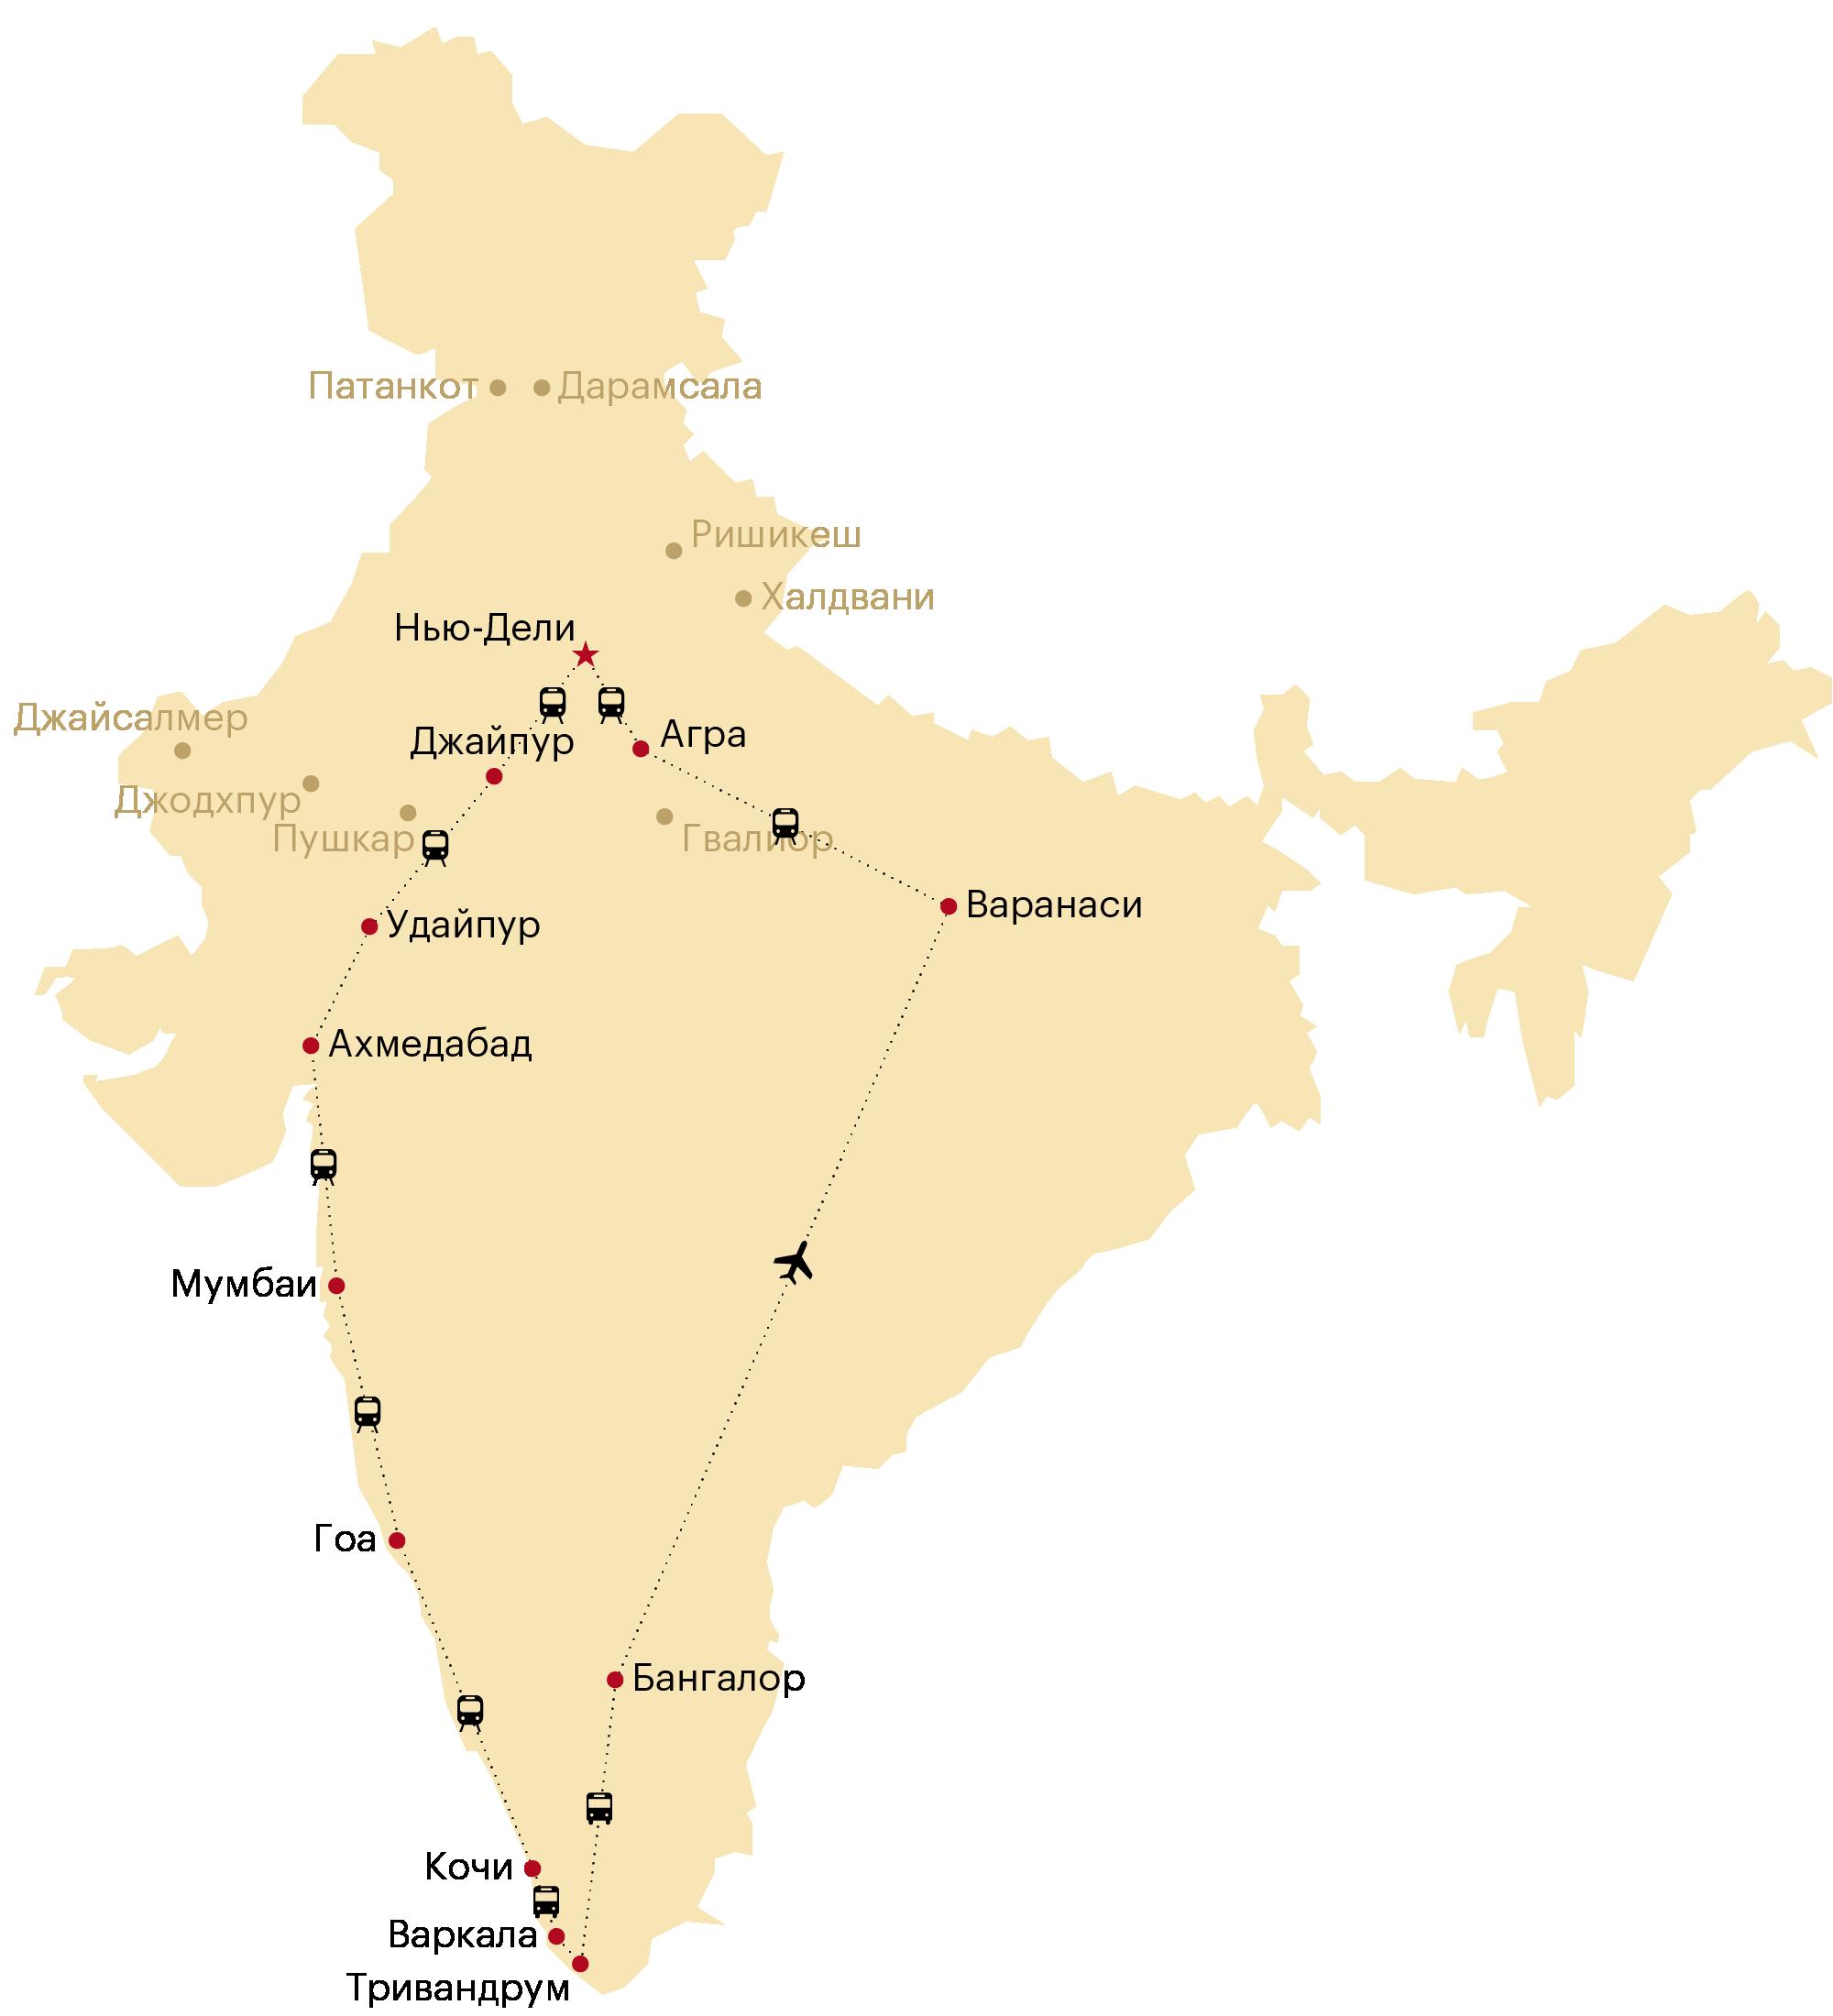 Наши маршруты по Индии в прошлом и в этом году